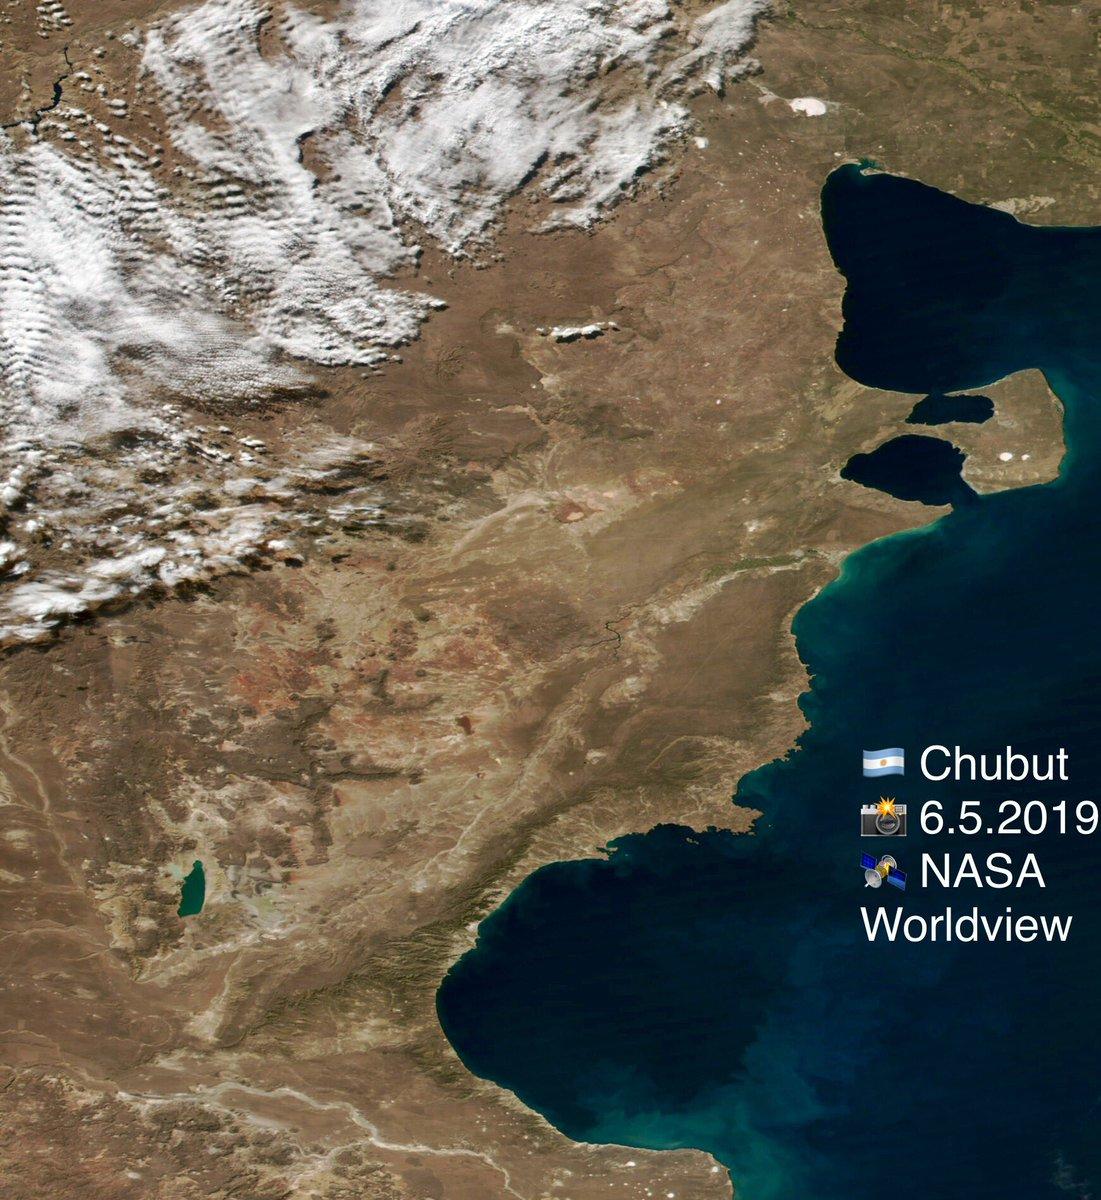 🇦🇷 ¡Provincia del Chubut! La Estación Espacial Internacional se podrá ver hoy a simple vista (si las nubes lo permiten) en todas partes a las 19:22 hrs.         Consejo:  ⏰        pon la alarma   🌎 Tripulación 59 http://www.spacefacts.de/english/e_today.htm… 📸 6.5.2019  NASA https://worldview.earthdata.nasa.gov/?p=geographic&l=VIIRS_SNPP_CorrectedReflectance_TrueColor,MODIS_Aqua_CorrectedReflectance_TrueColor(hidden),MODIS_Terra_CorrectedReflectance_TrueColor(hidden),Reference_Labels(hidden),Reference_Features(hidden),Coastlines(hidden)&t=2019-05-06-T00%3A00%3A00Z&z=3&v=-79.96557690517037,-51.54401917275446,-58.44498910445975,-37.65231161780356&ab=off&as=2018-04-01T00%3A00%3A00Z&ae=2018-04-08T00%3A00%3A00Z&av=3&al=true…